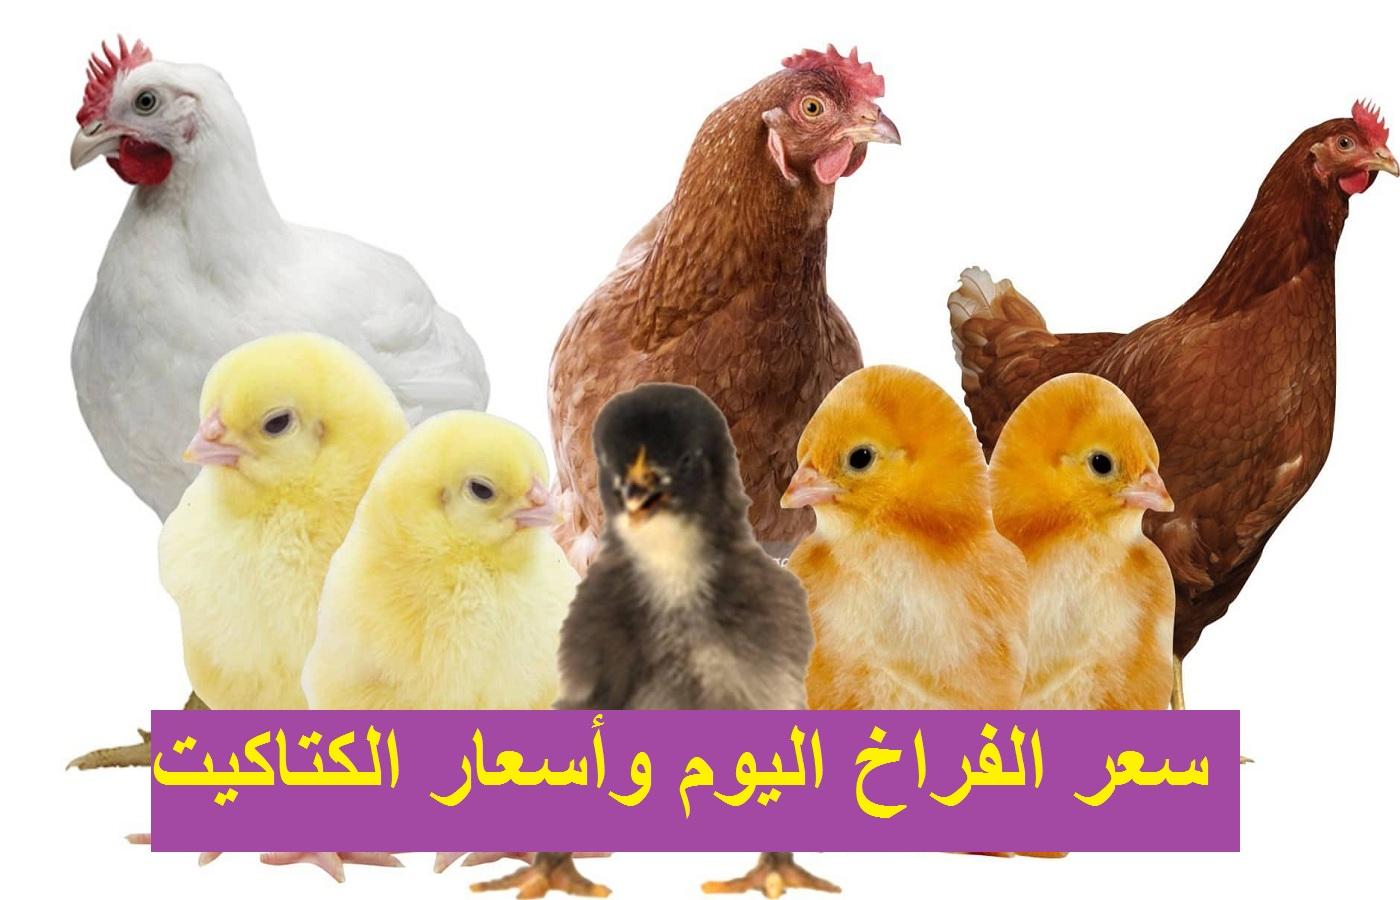 سعر الفراخ اليوم في بورصة الدواجن وسعر الكتكوت الأبيض وأسعار البيض 3